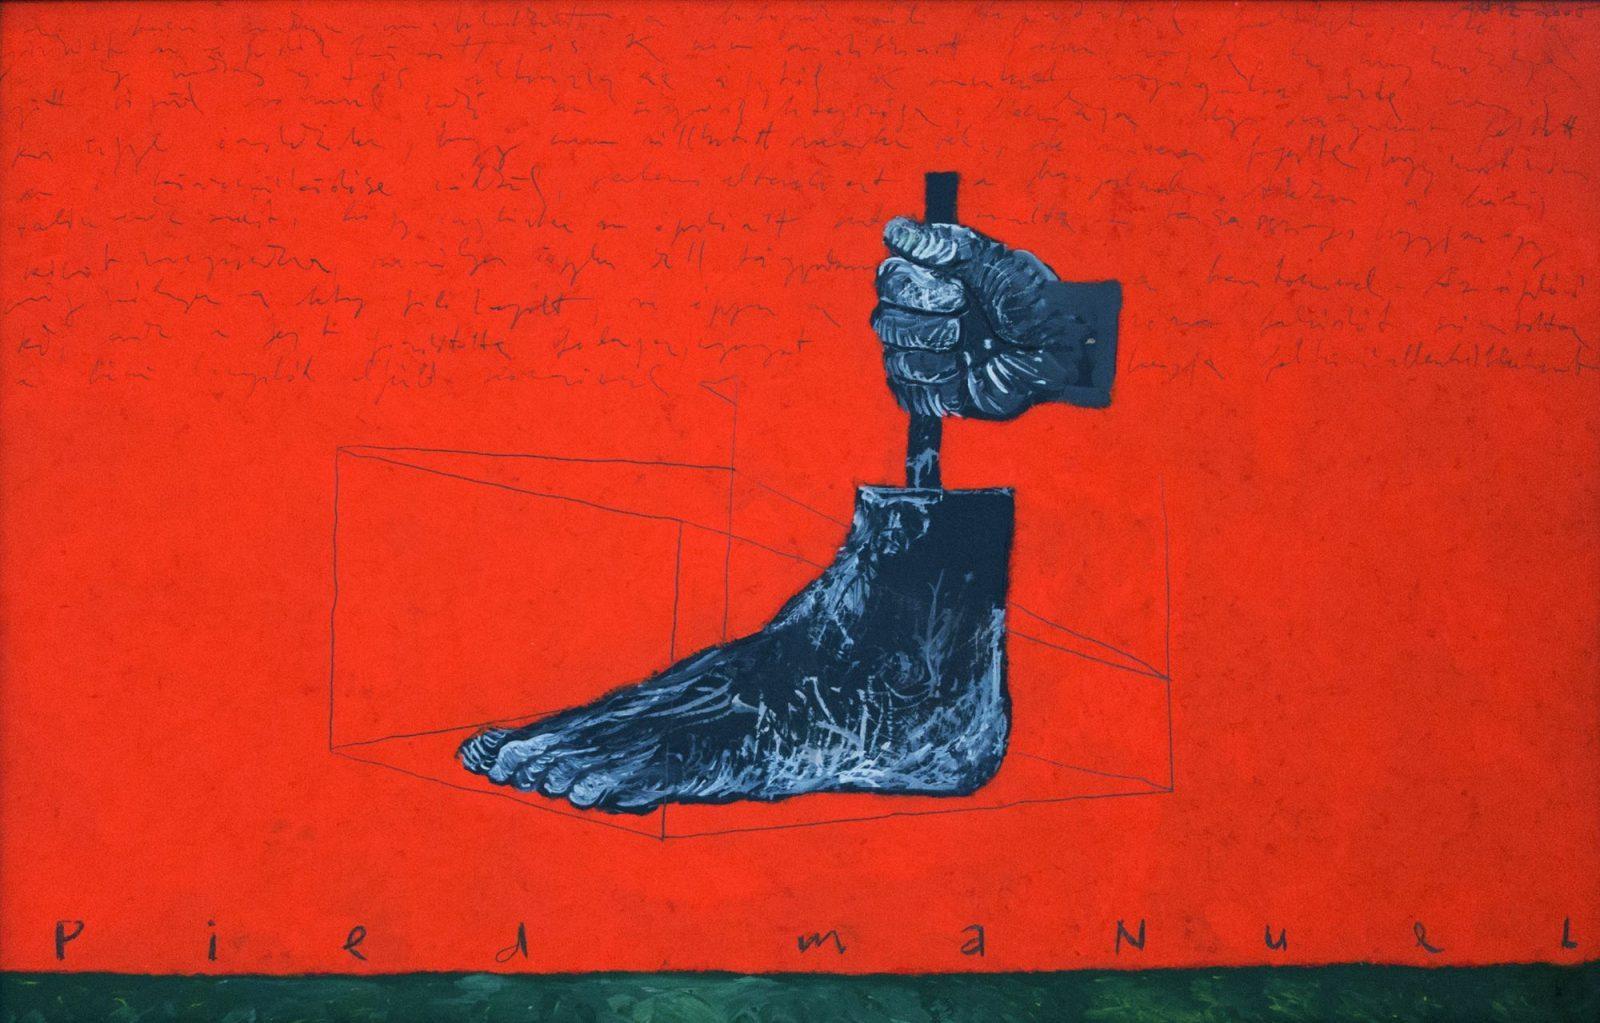 aatoth franyo: Manuális láb